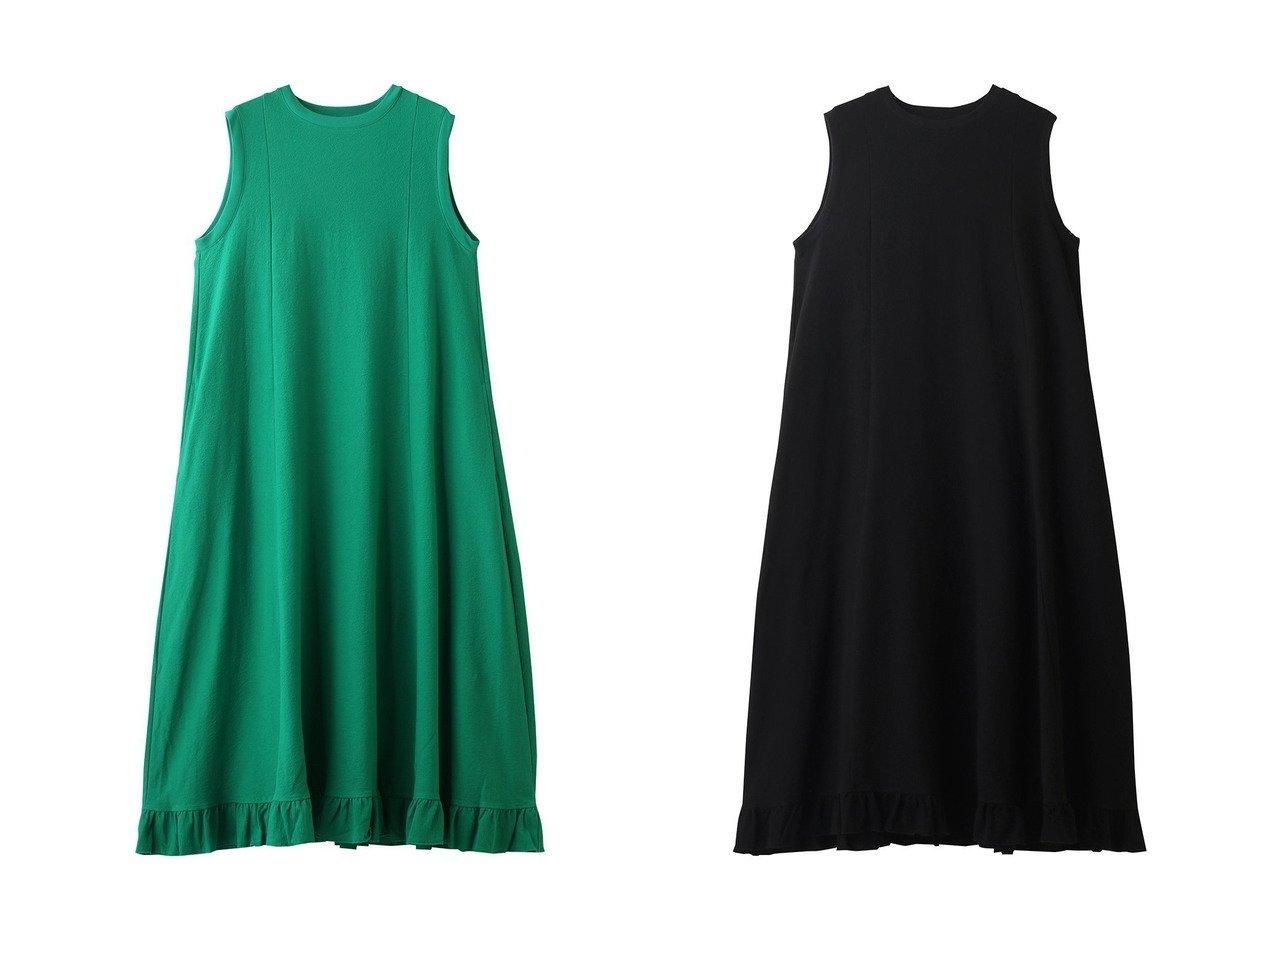 【Shinzone/シンゾーン】のフリルヘムドレス 【ワンピース・ドレス】おすすめ!人気、トレンド・レディースファッションの通販 おすすめで人気の流行・トレンド、ファッションの通販商品 インテリア・家具・メンズファッション・キッズファッション・レディースファッション・服の通販 founy(ファニー) https://founy.com/ ファッション Fashion レディースファッション WOMEN ワンピース Dress ドレス Party Dresses チュニック Tunic 2020年 2020 2020-2021秋冬・A/W AW・Autumn/Winter・FW・Fall-Winter/2020-2021 2021年 2021 2021-2022秋冬・A/W AW・Autumn/Winter・FW・Fall-Winter・2021-2022 A/W・秋冬 AW・Autumn/Winter・FW・Fall-Winter カーディガン シンプル ジャケット スリーブ チュニック ドレス ドレープ フリル ヘムライン ロング  ID:crp329100000060596